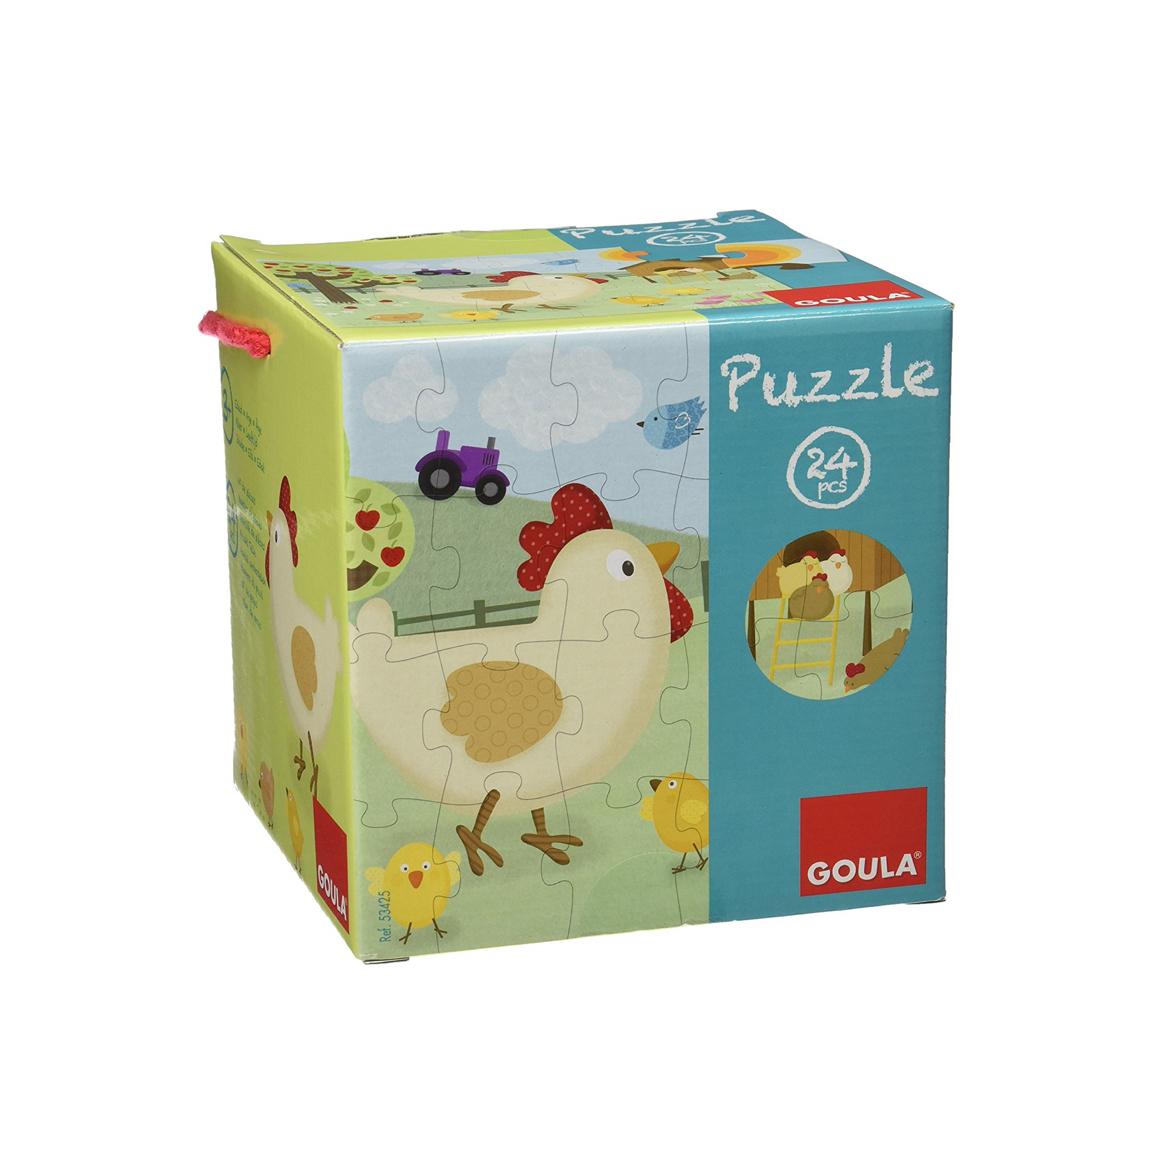 puzzle-gallina-de-goula-en-el-mundo-de-mico-2